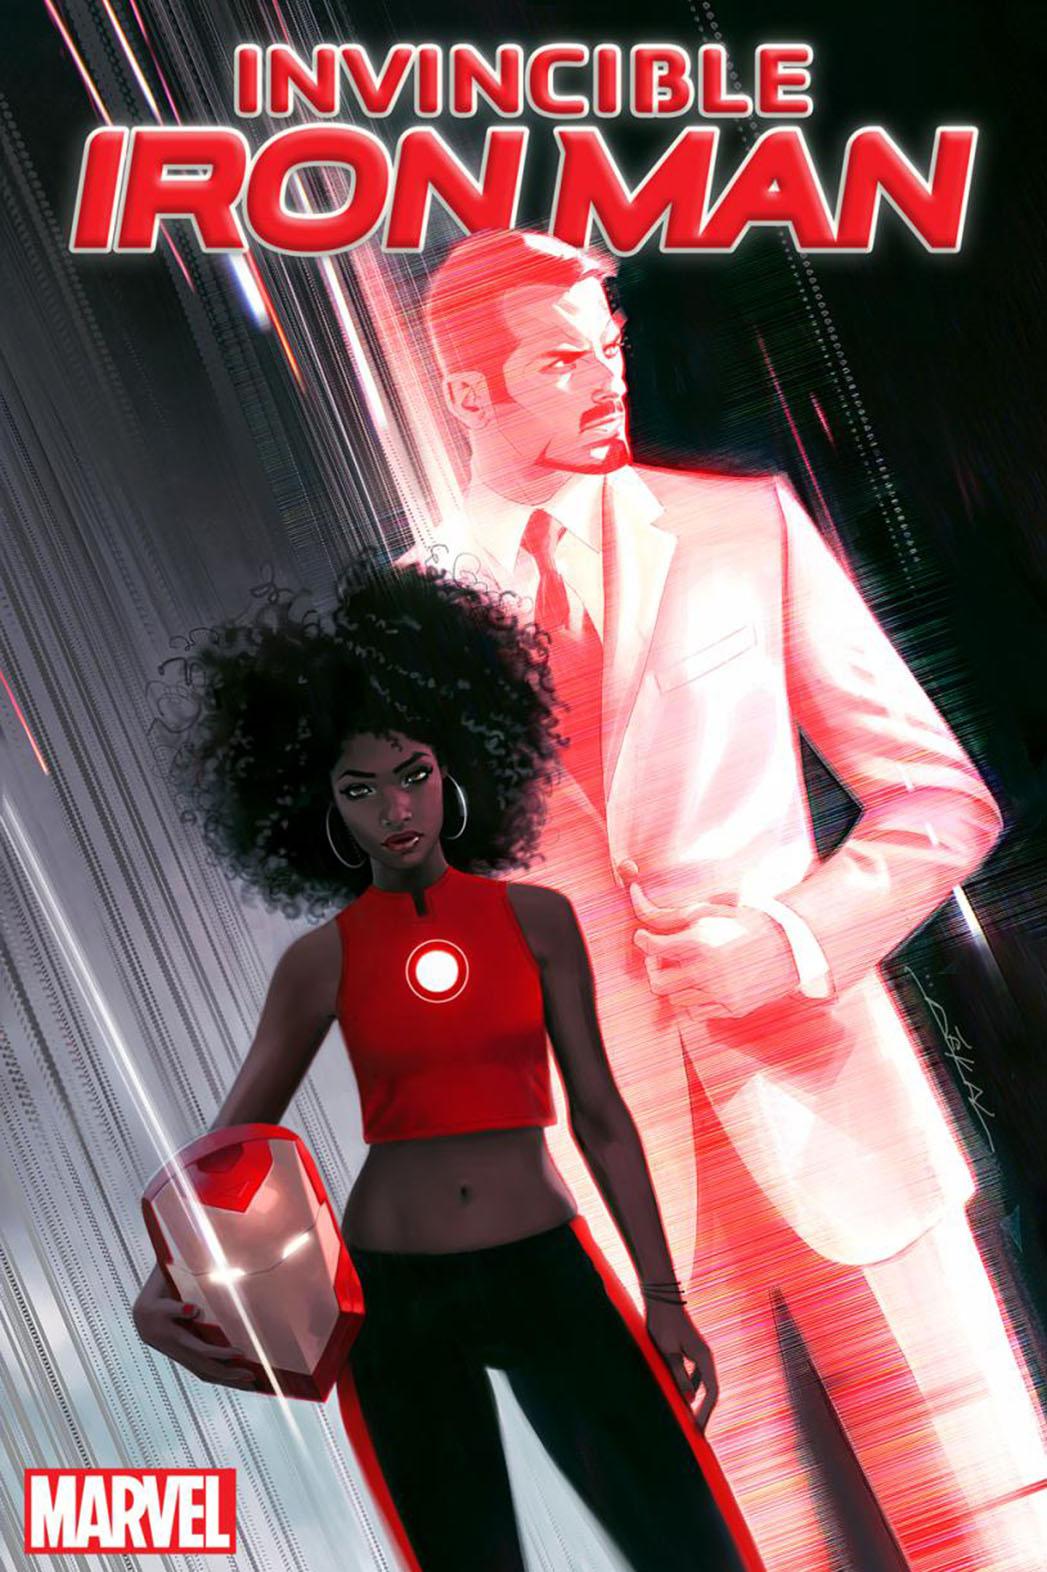 Invincible Iron Man-Marvel Entertainment-Publicity-P 2016